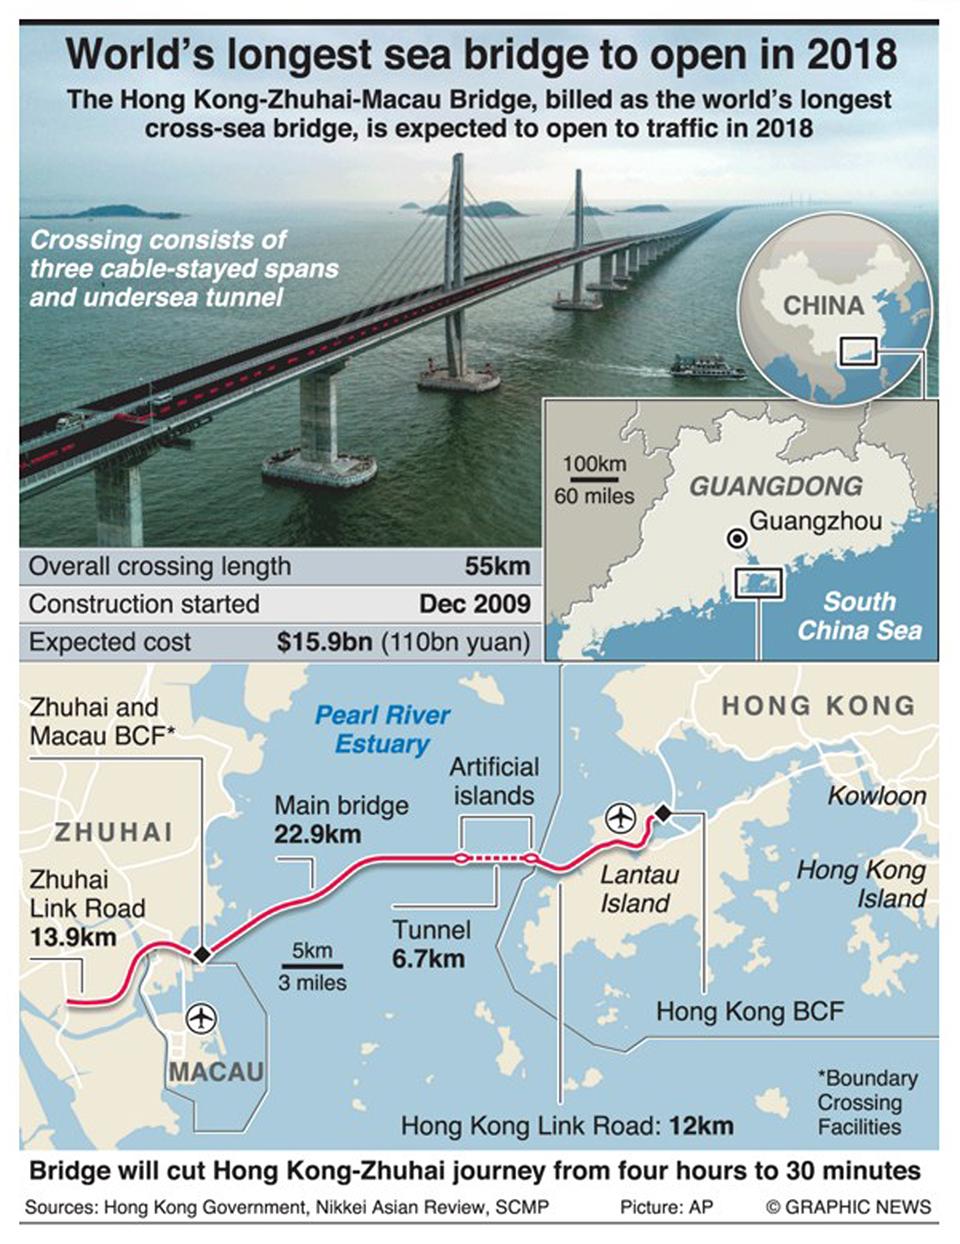 Infographics: First traffic to cross Hong Kong-Zhuhai-Macau bridge in 2018